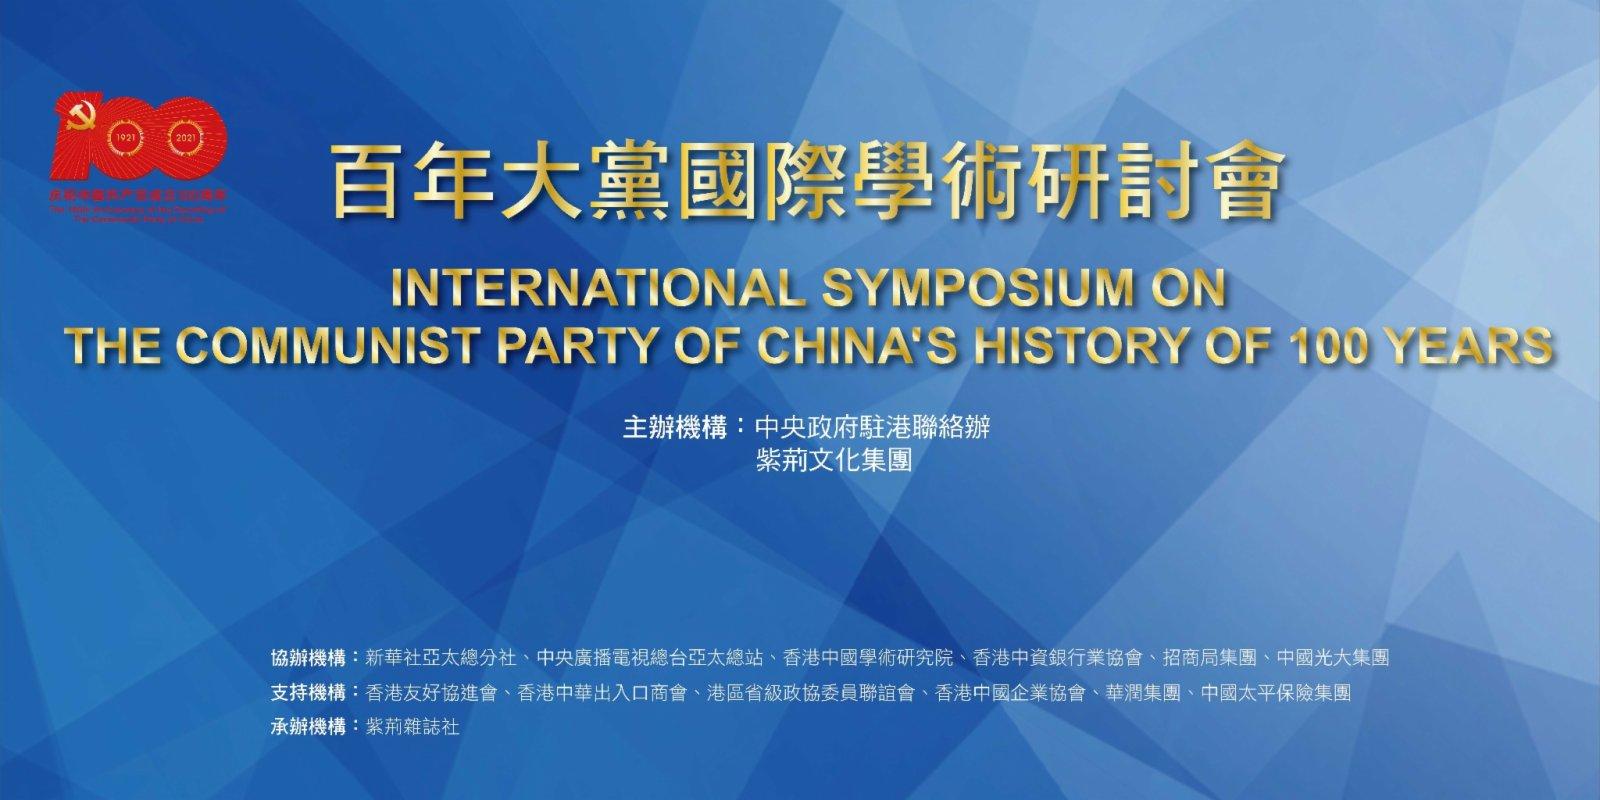 【點直播】6月16日 百年大黨國際學術研討會